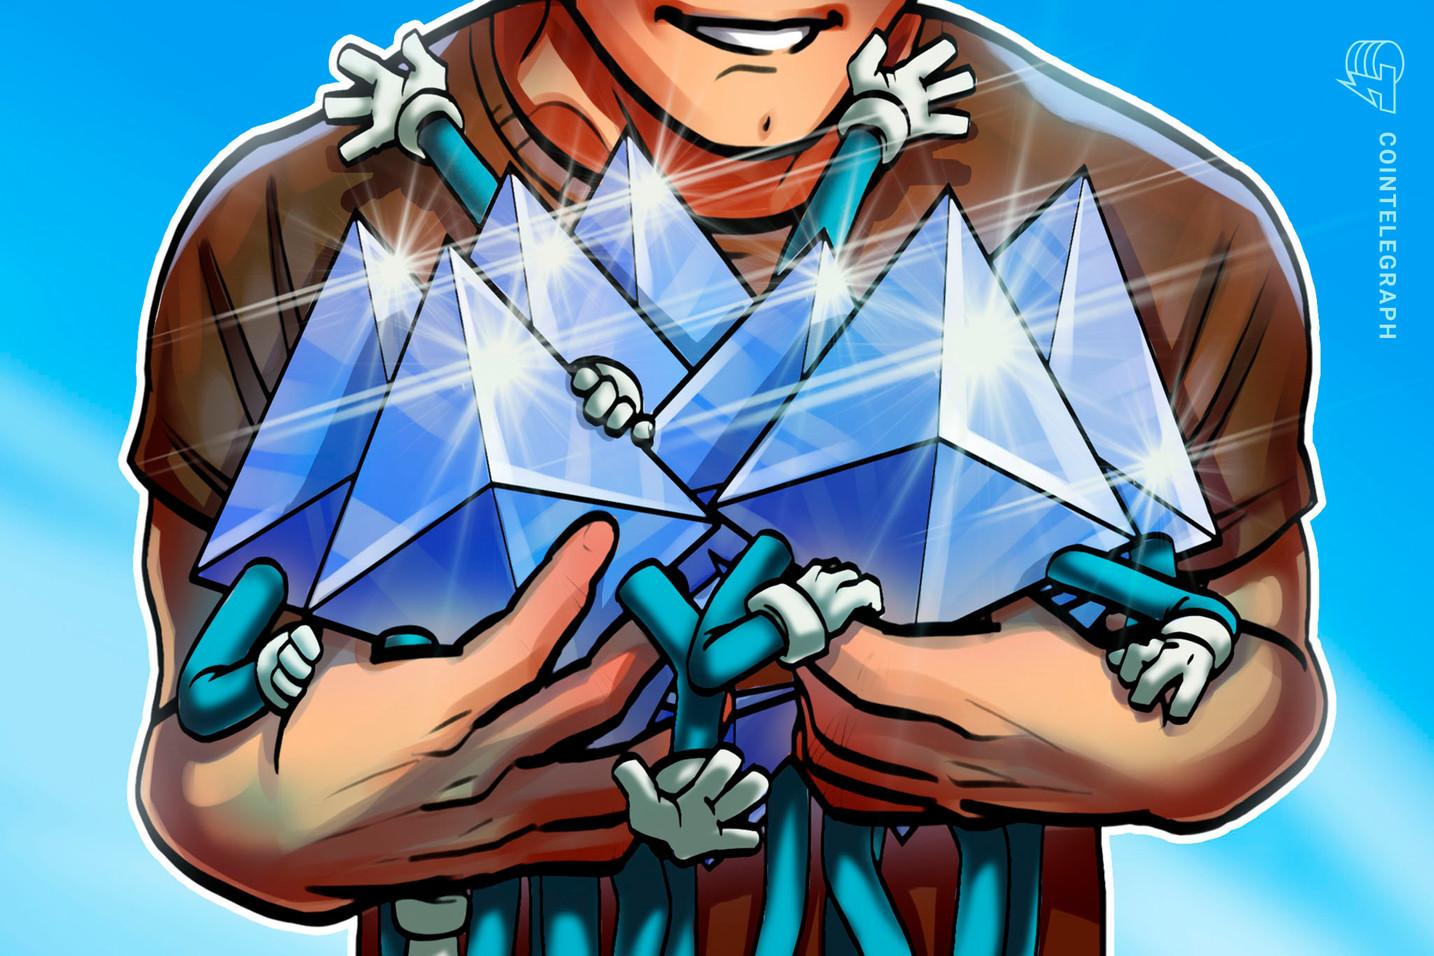 Los 'roll-ups' podrían ayudar a Ethereum para preservar su monopolio DeFi frente a los competidores, dice Messari